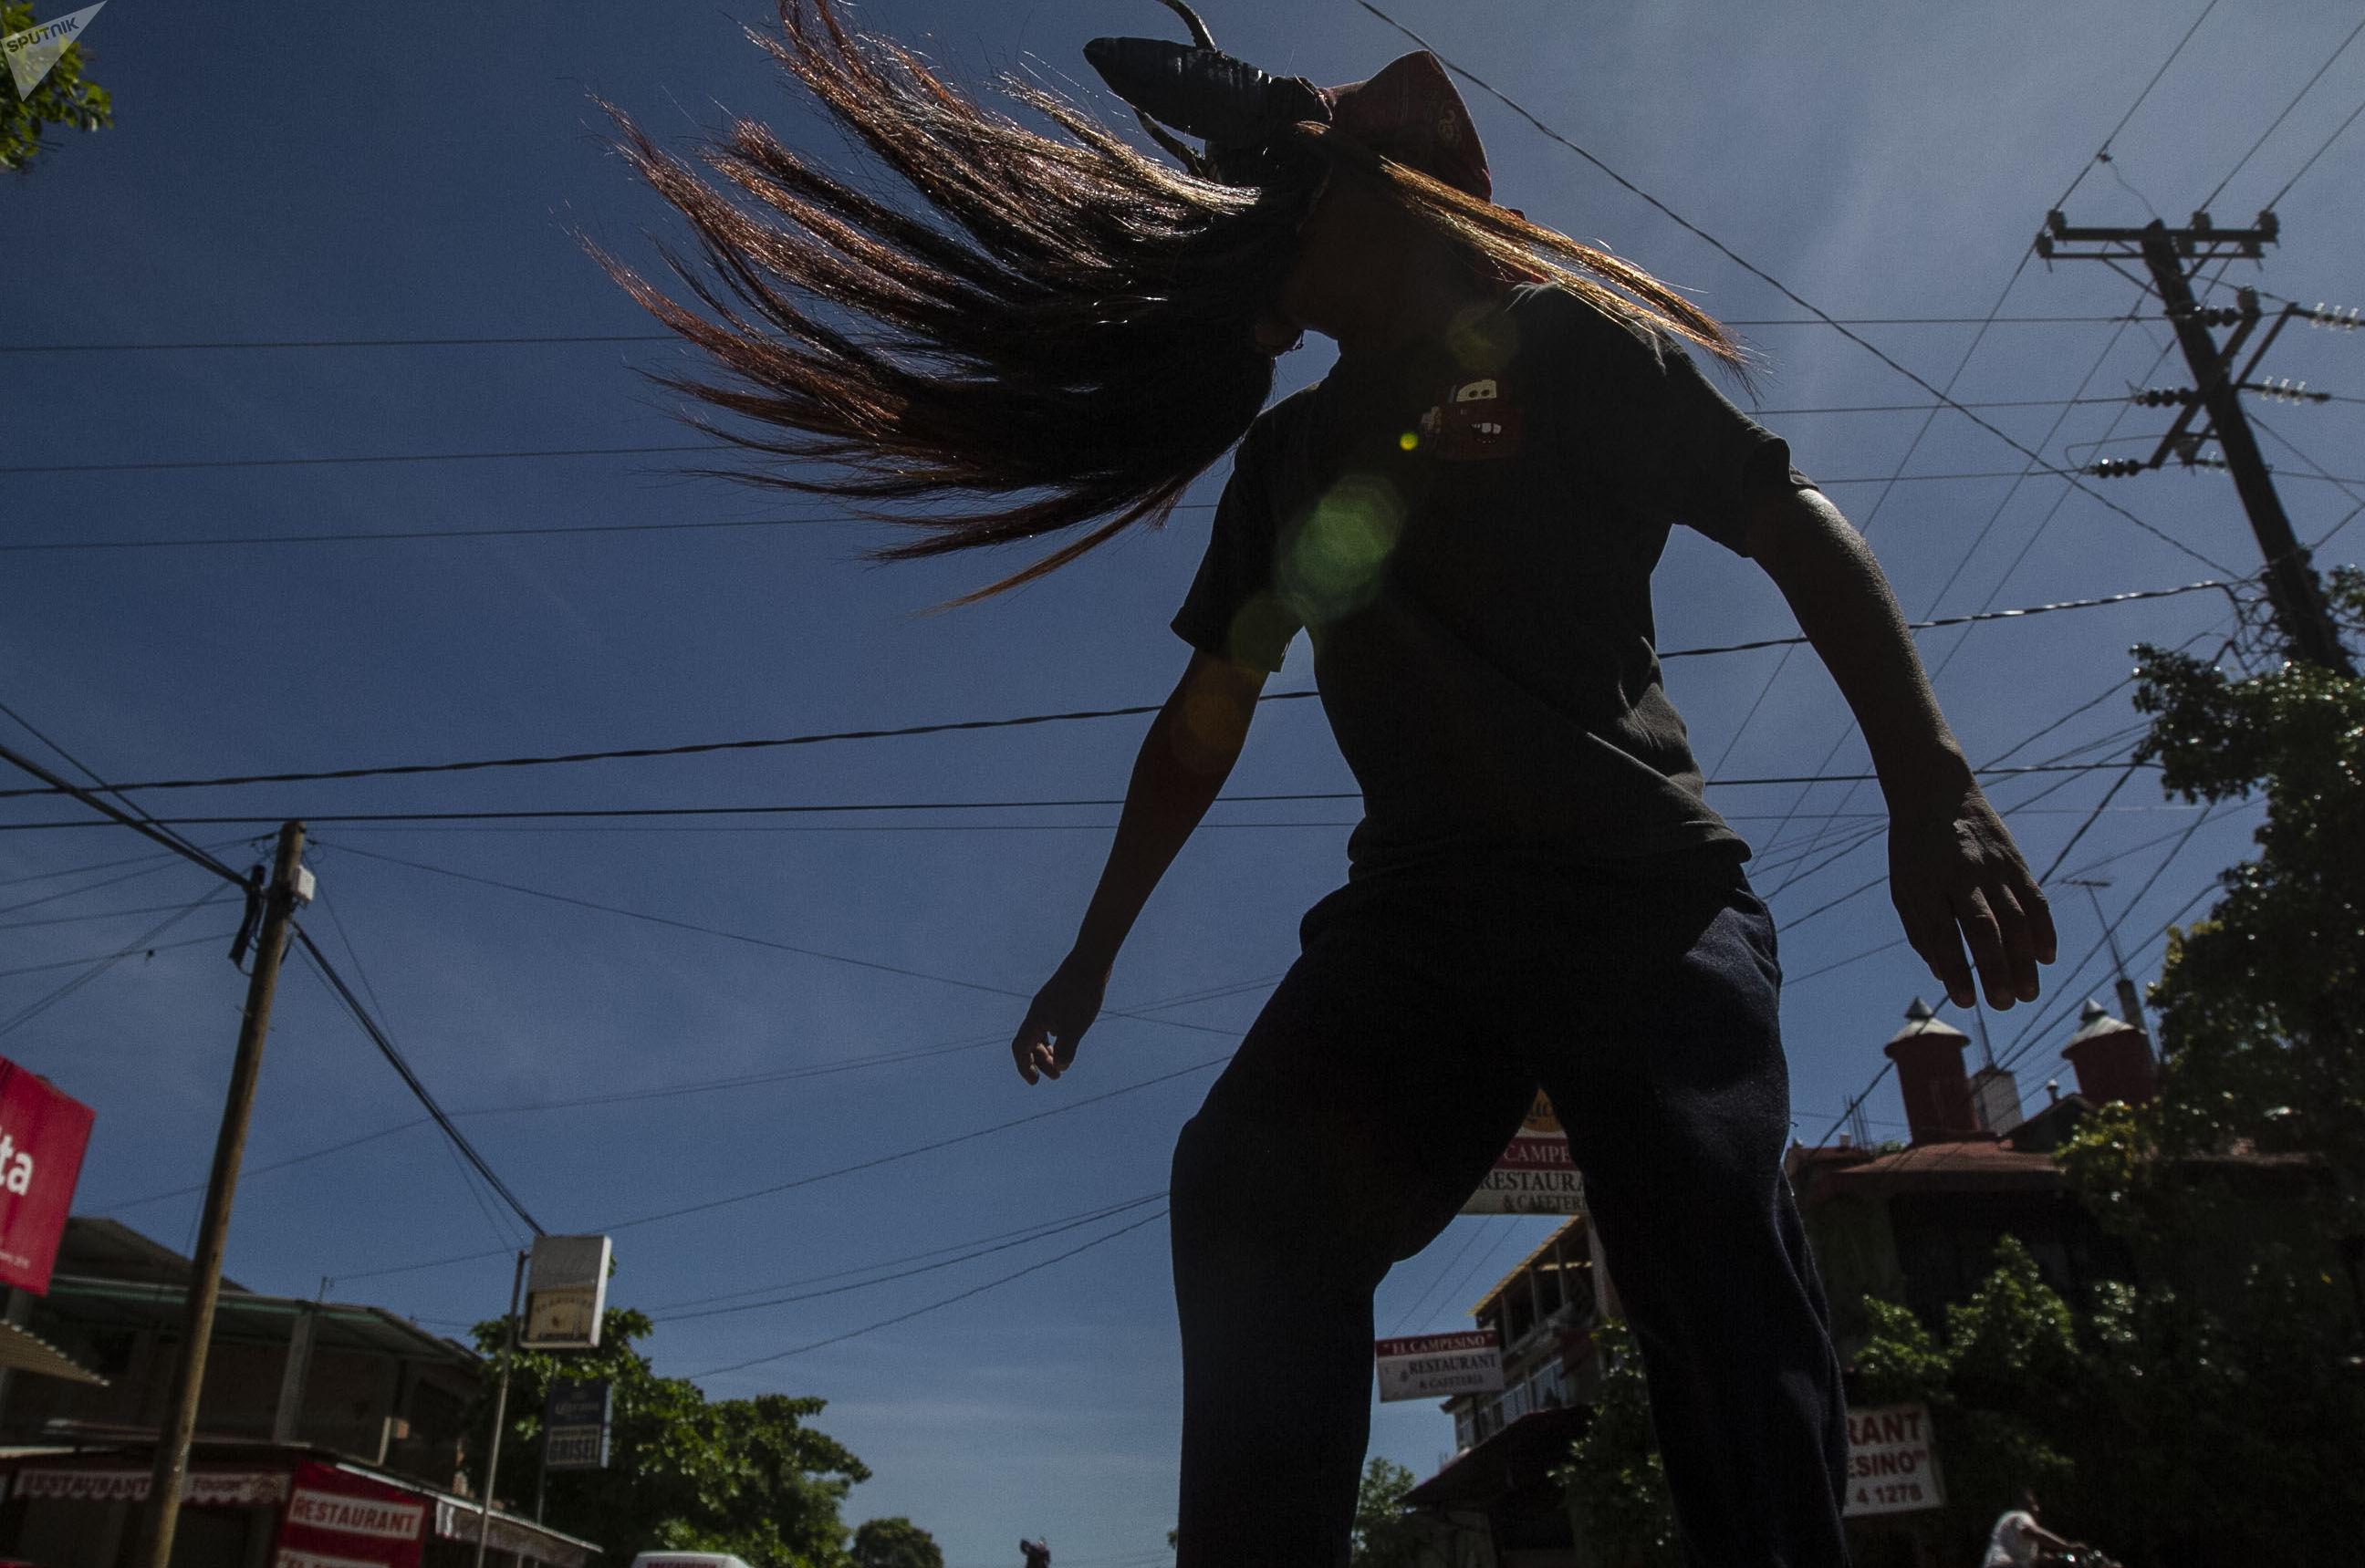 Cuajinicuilapa, Guerrero. Un joven diablo danza en las calles del pueblo, costumbre afromexicana de la región de Costa Chica de Guerrero